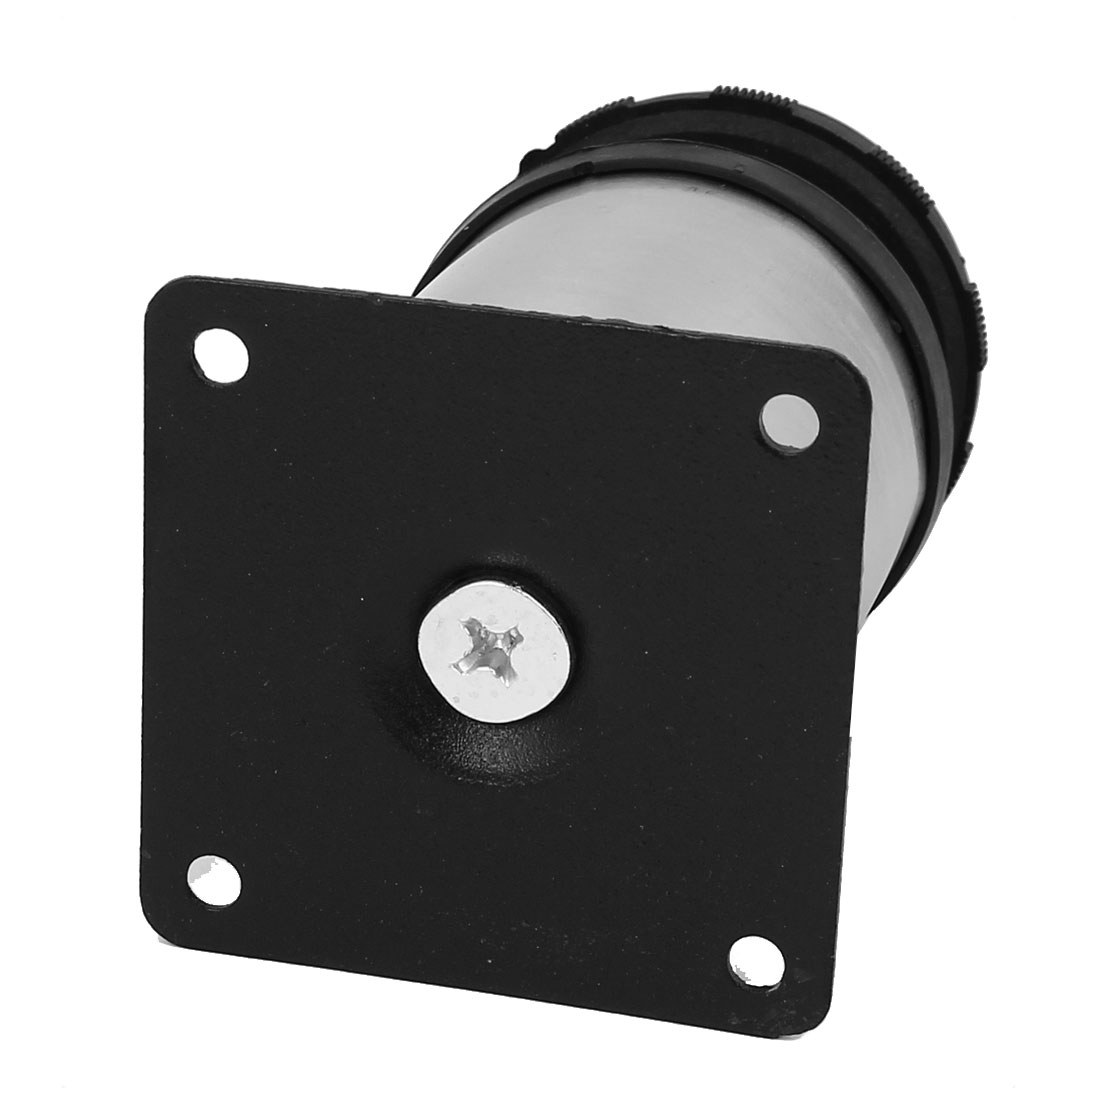 Placard de cuisine - Mobilier modulable ronde jambe-pied 50mmx80mm - image 1 de 3